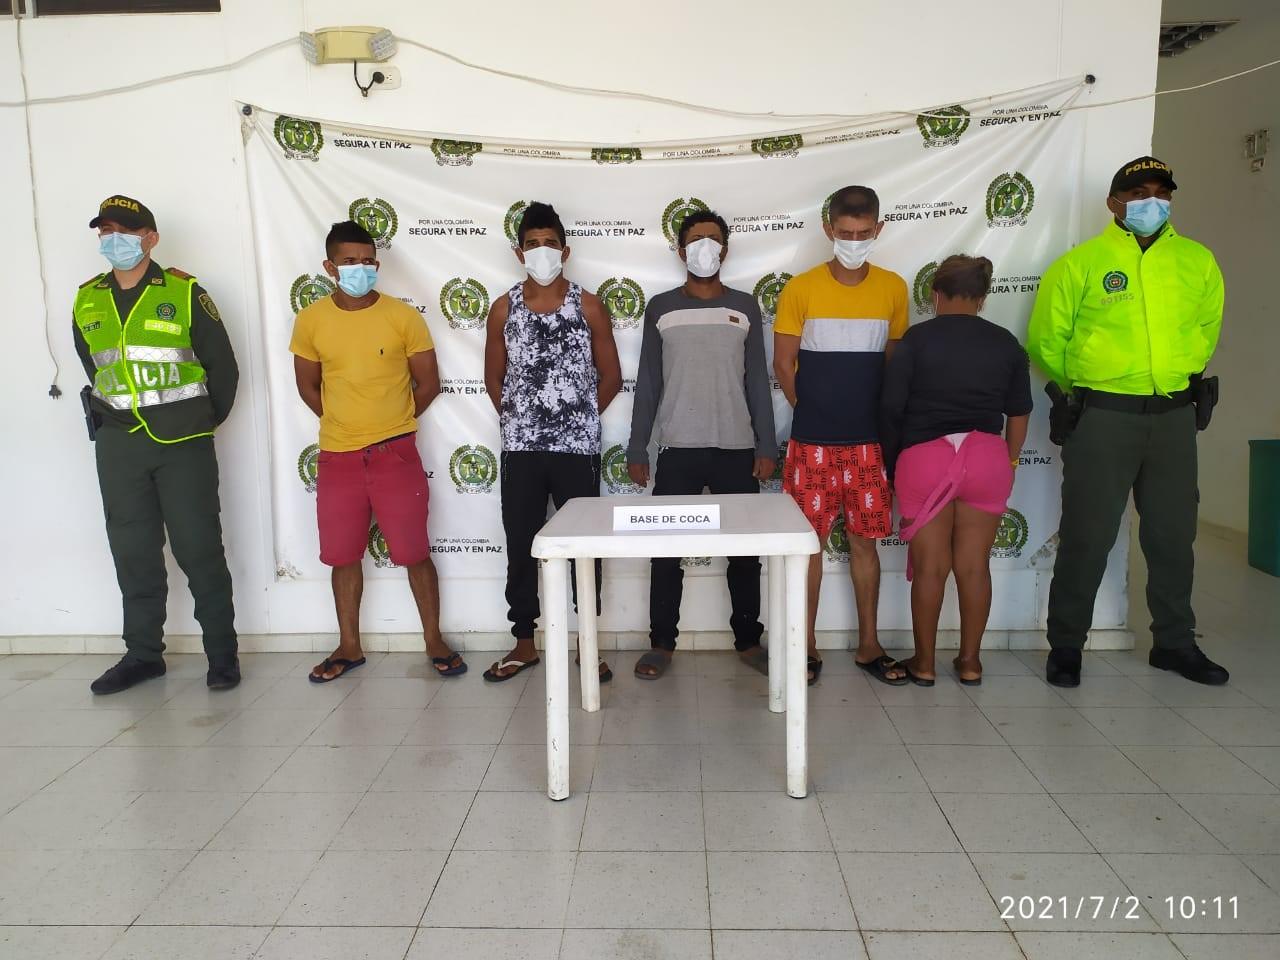 hoyennoticia.com, Desmantelado el combo de 'Los patillaleros' en Curumaní